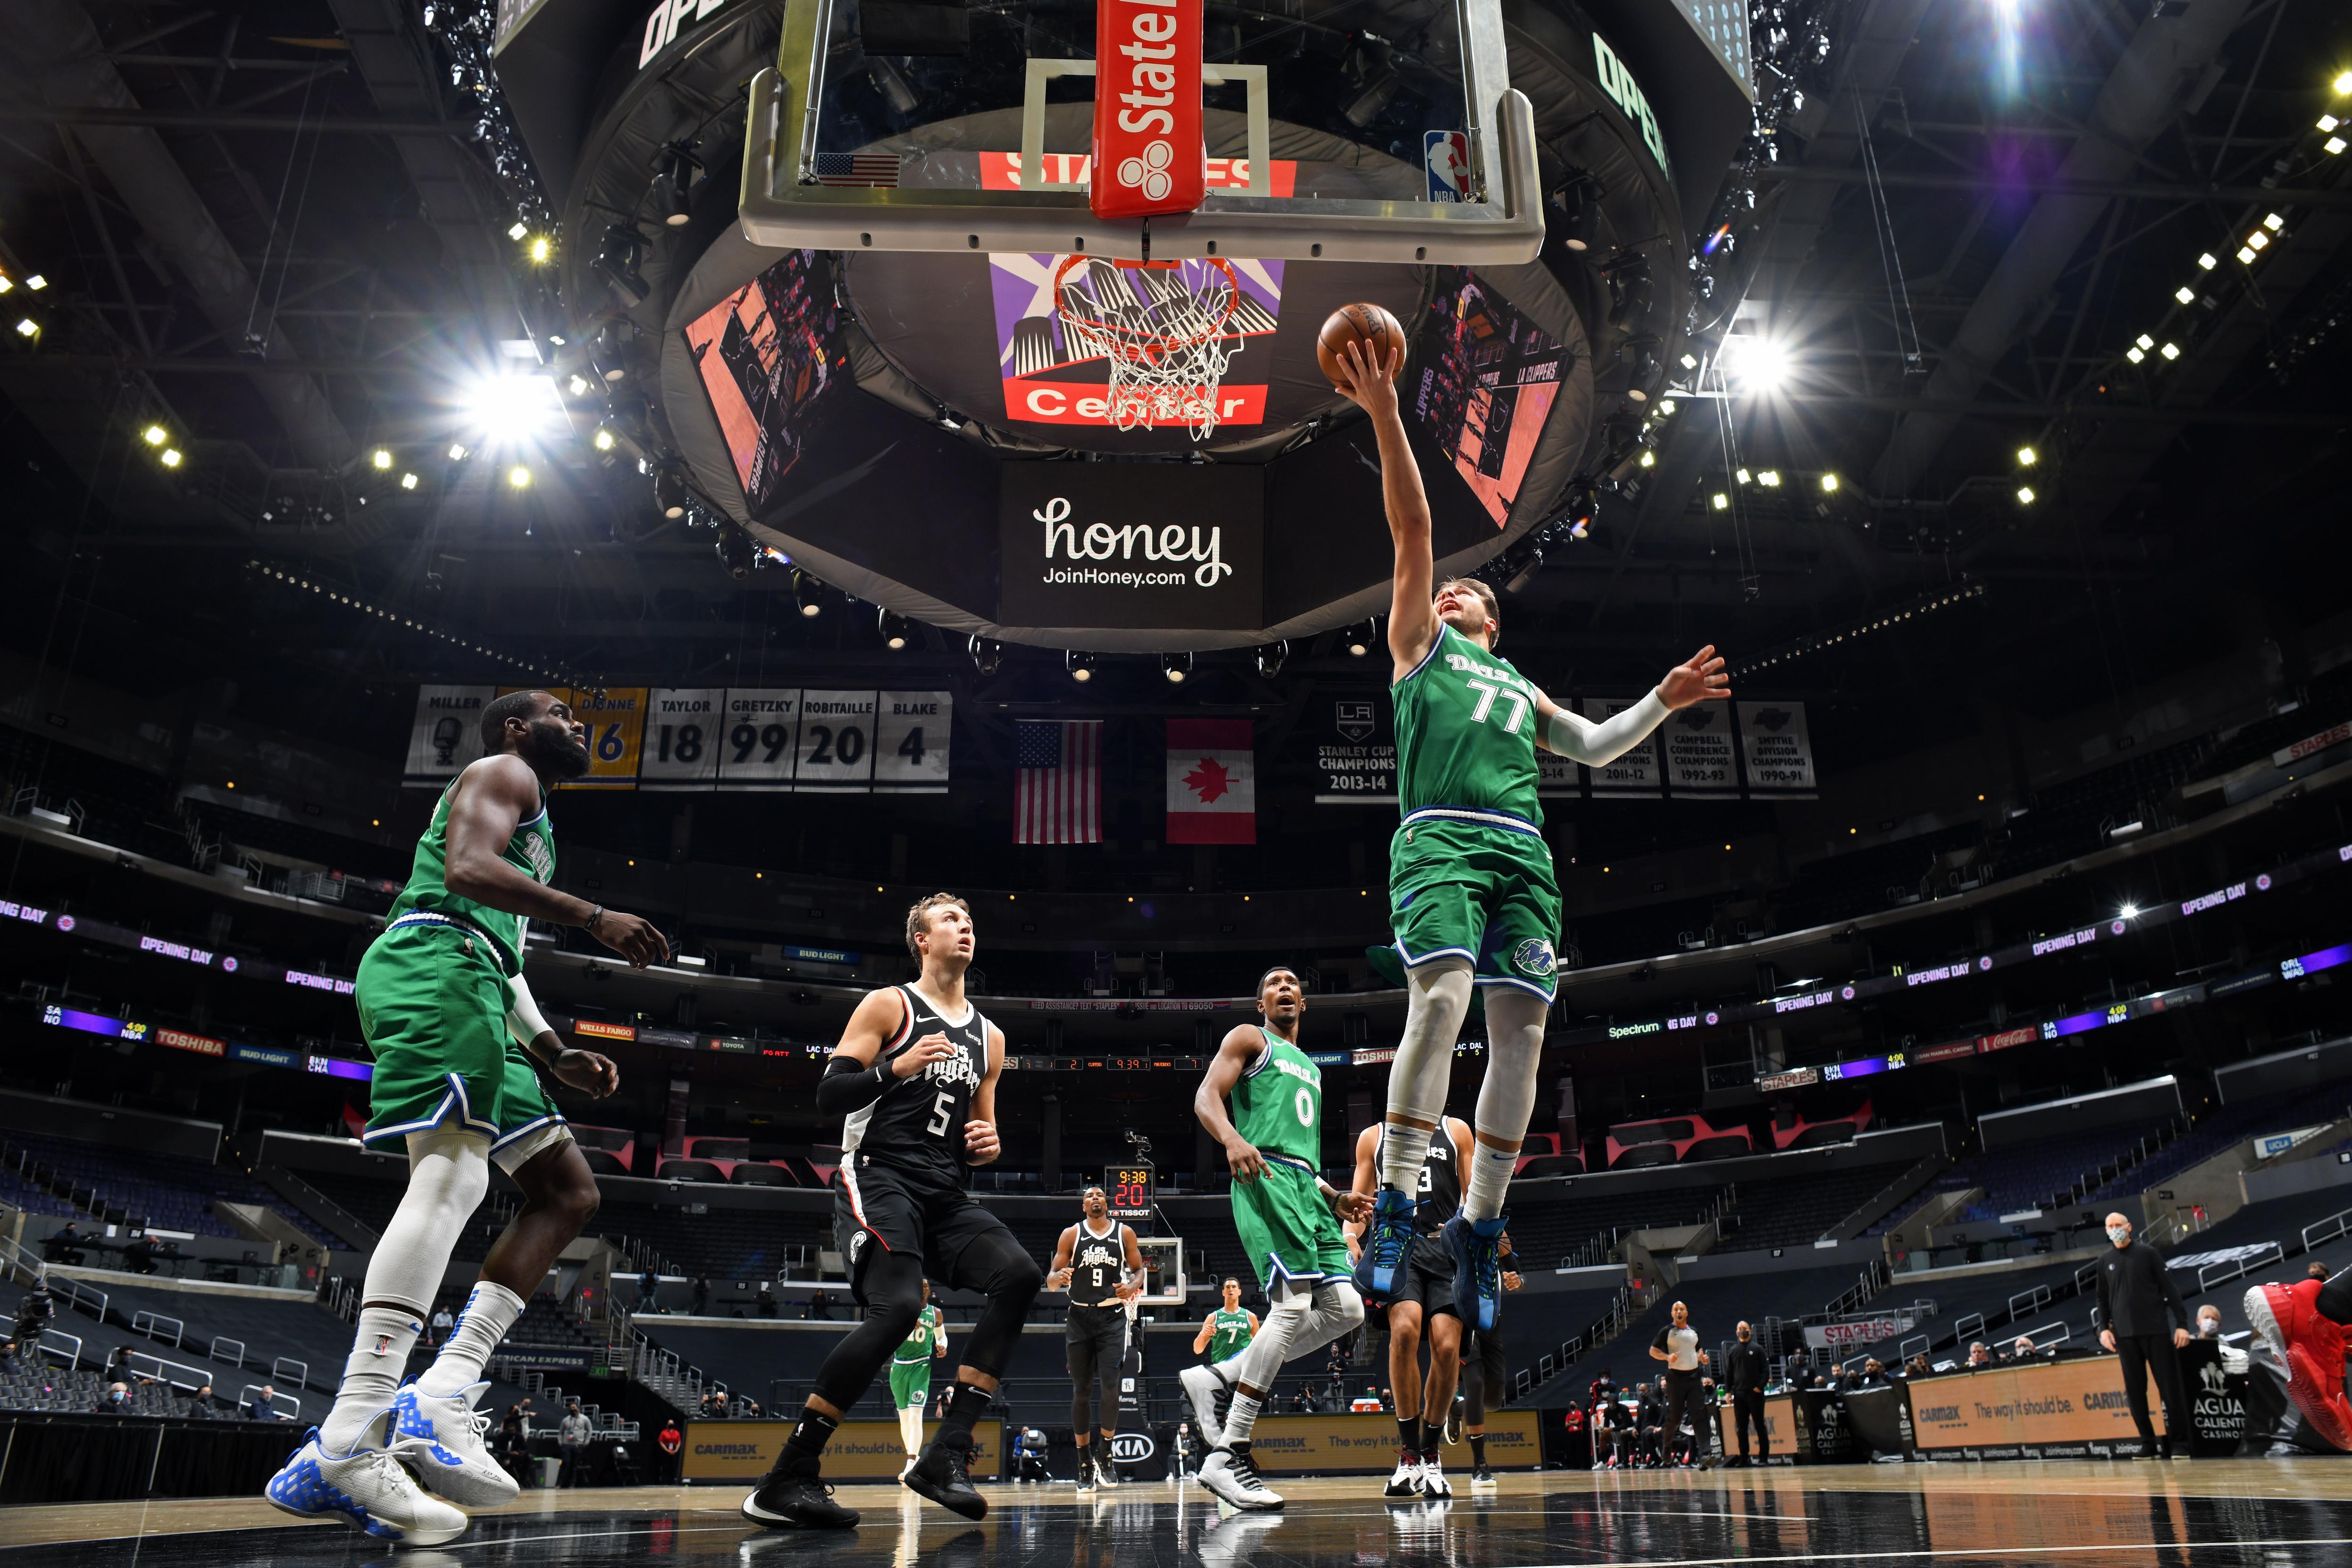 Dallas Mavericks blow out LA Clippers by 51 points